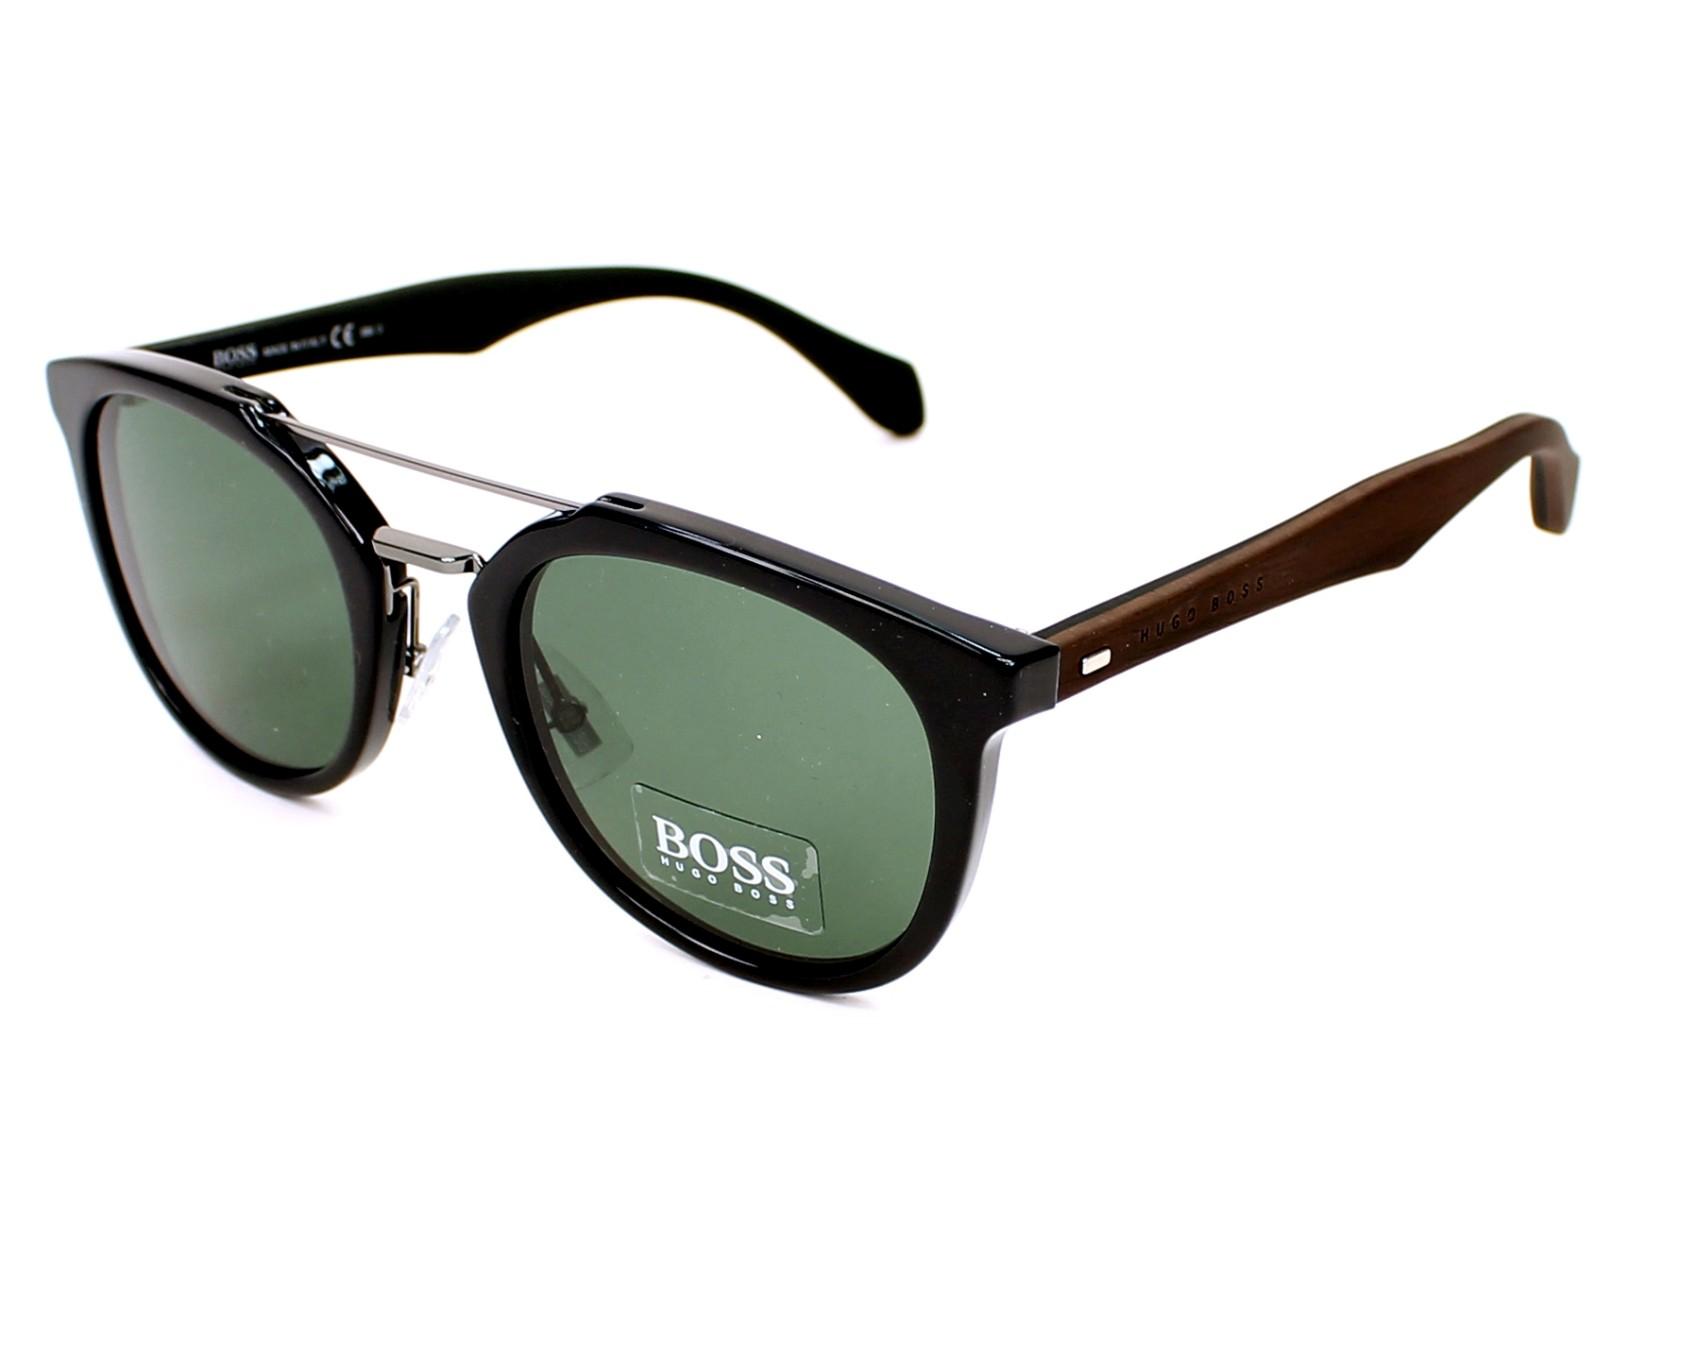 4242b3f968 Gafas de sol Hugo Boss BOSS-0777-S RAJ/85 51-23